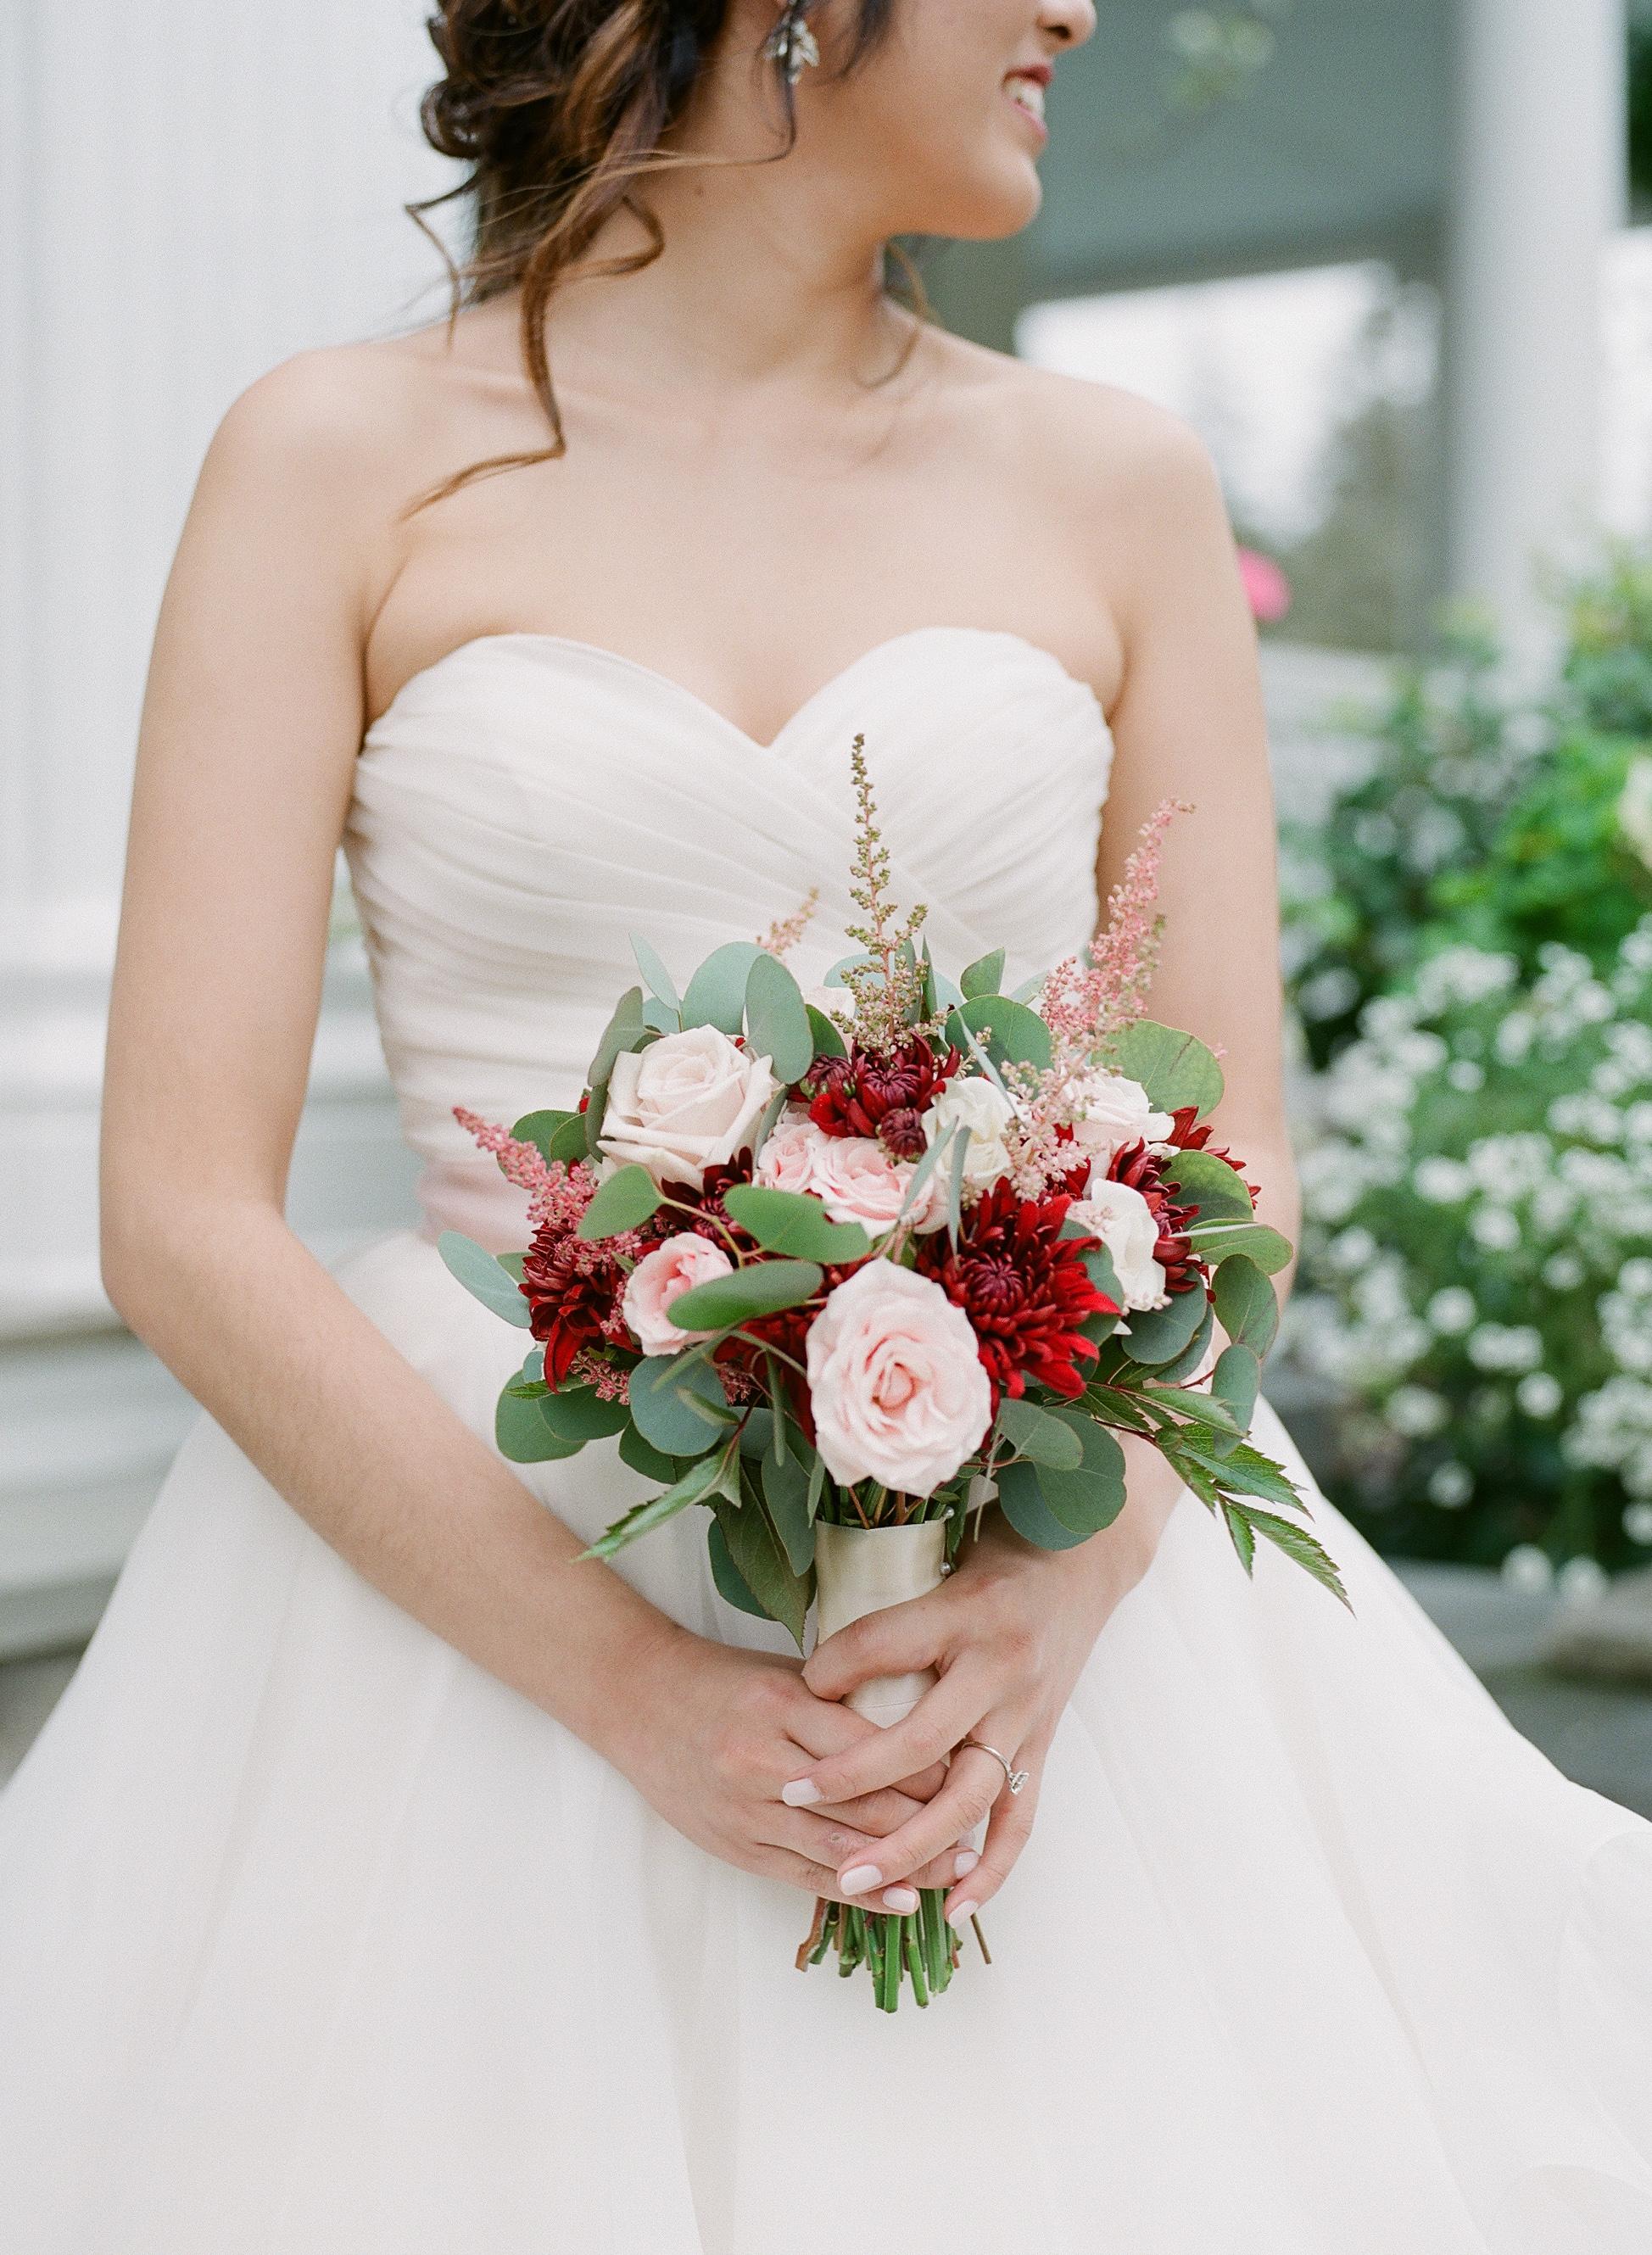 Lounsbury House Wedding - Christina and Michael-36.jpg